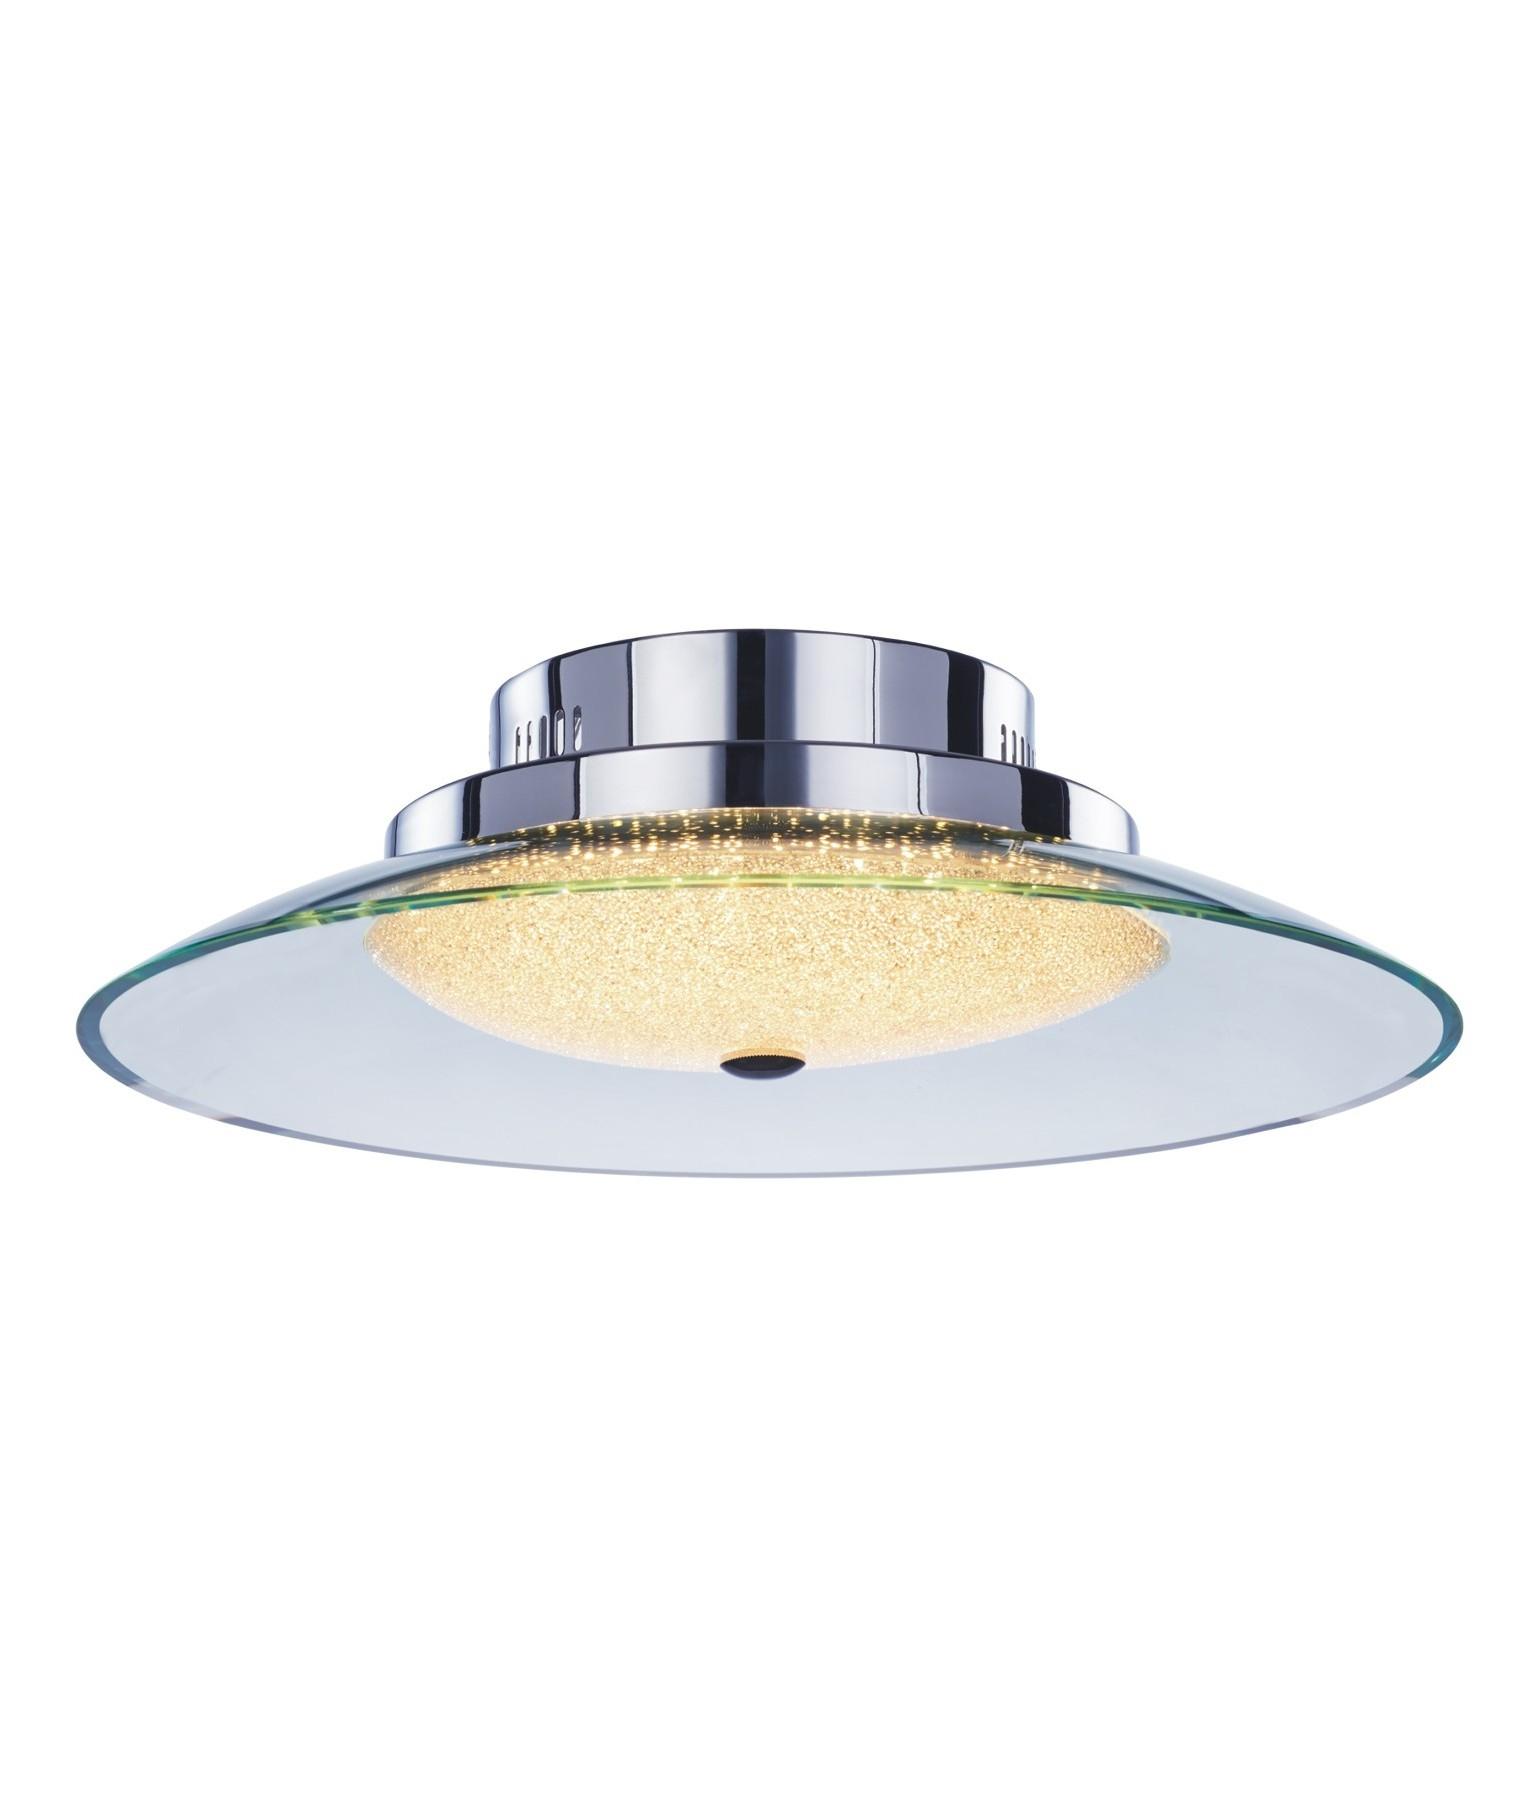 Led Ip44 Flush Glass Chrome Ceiling Light